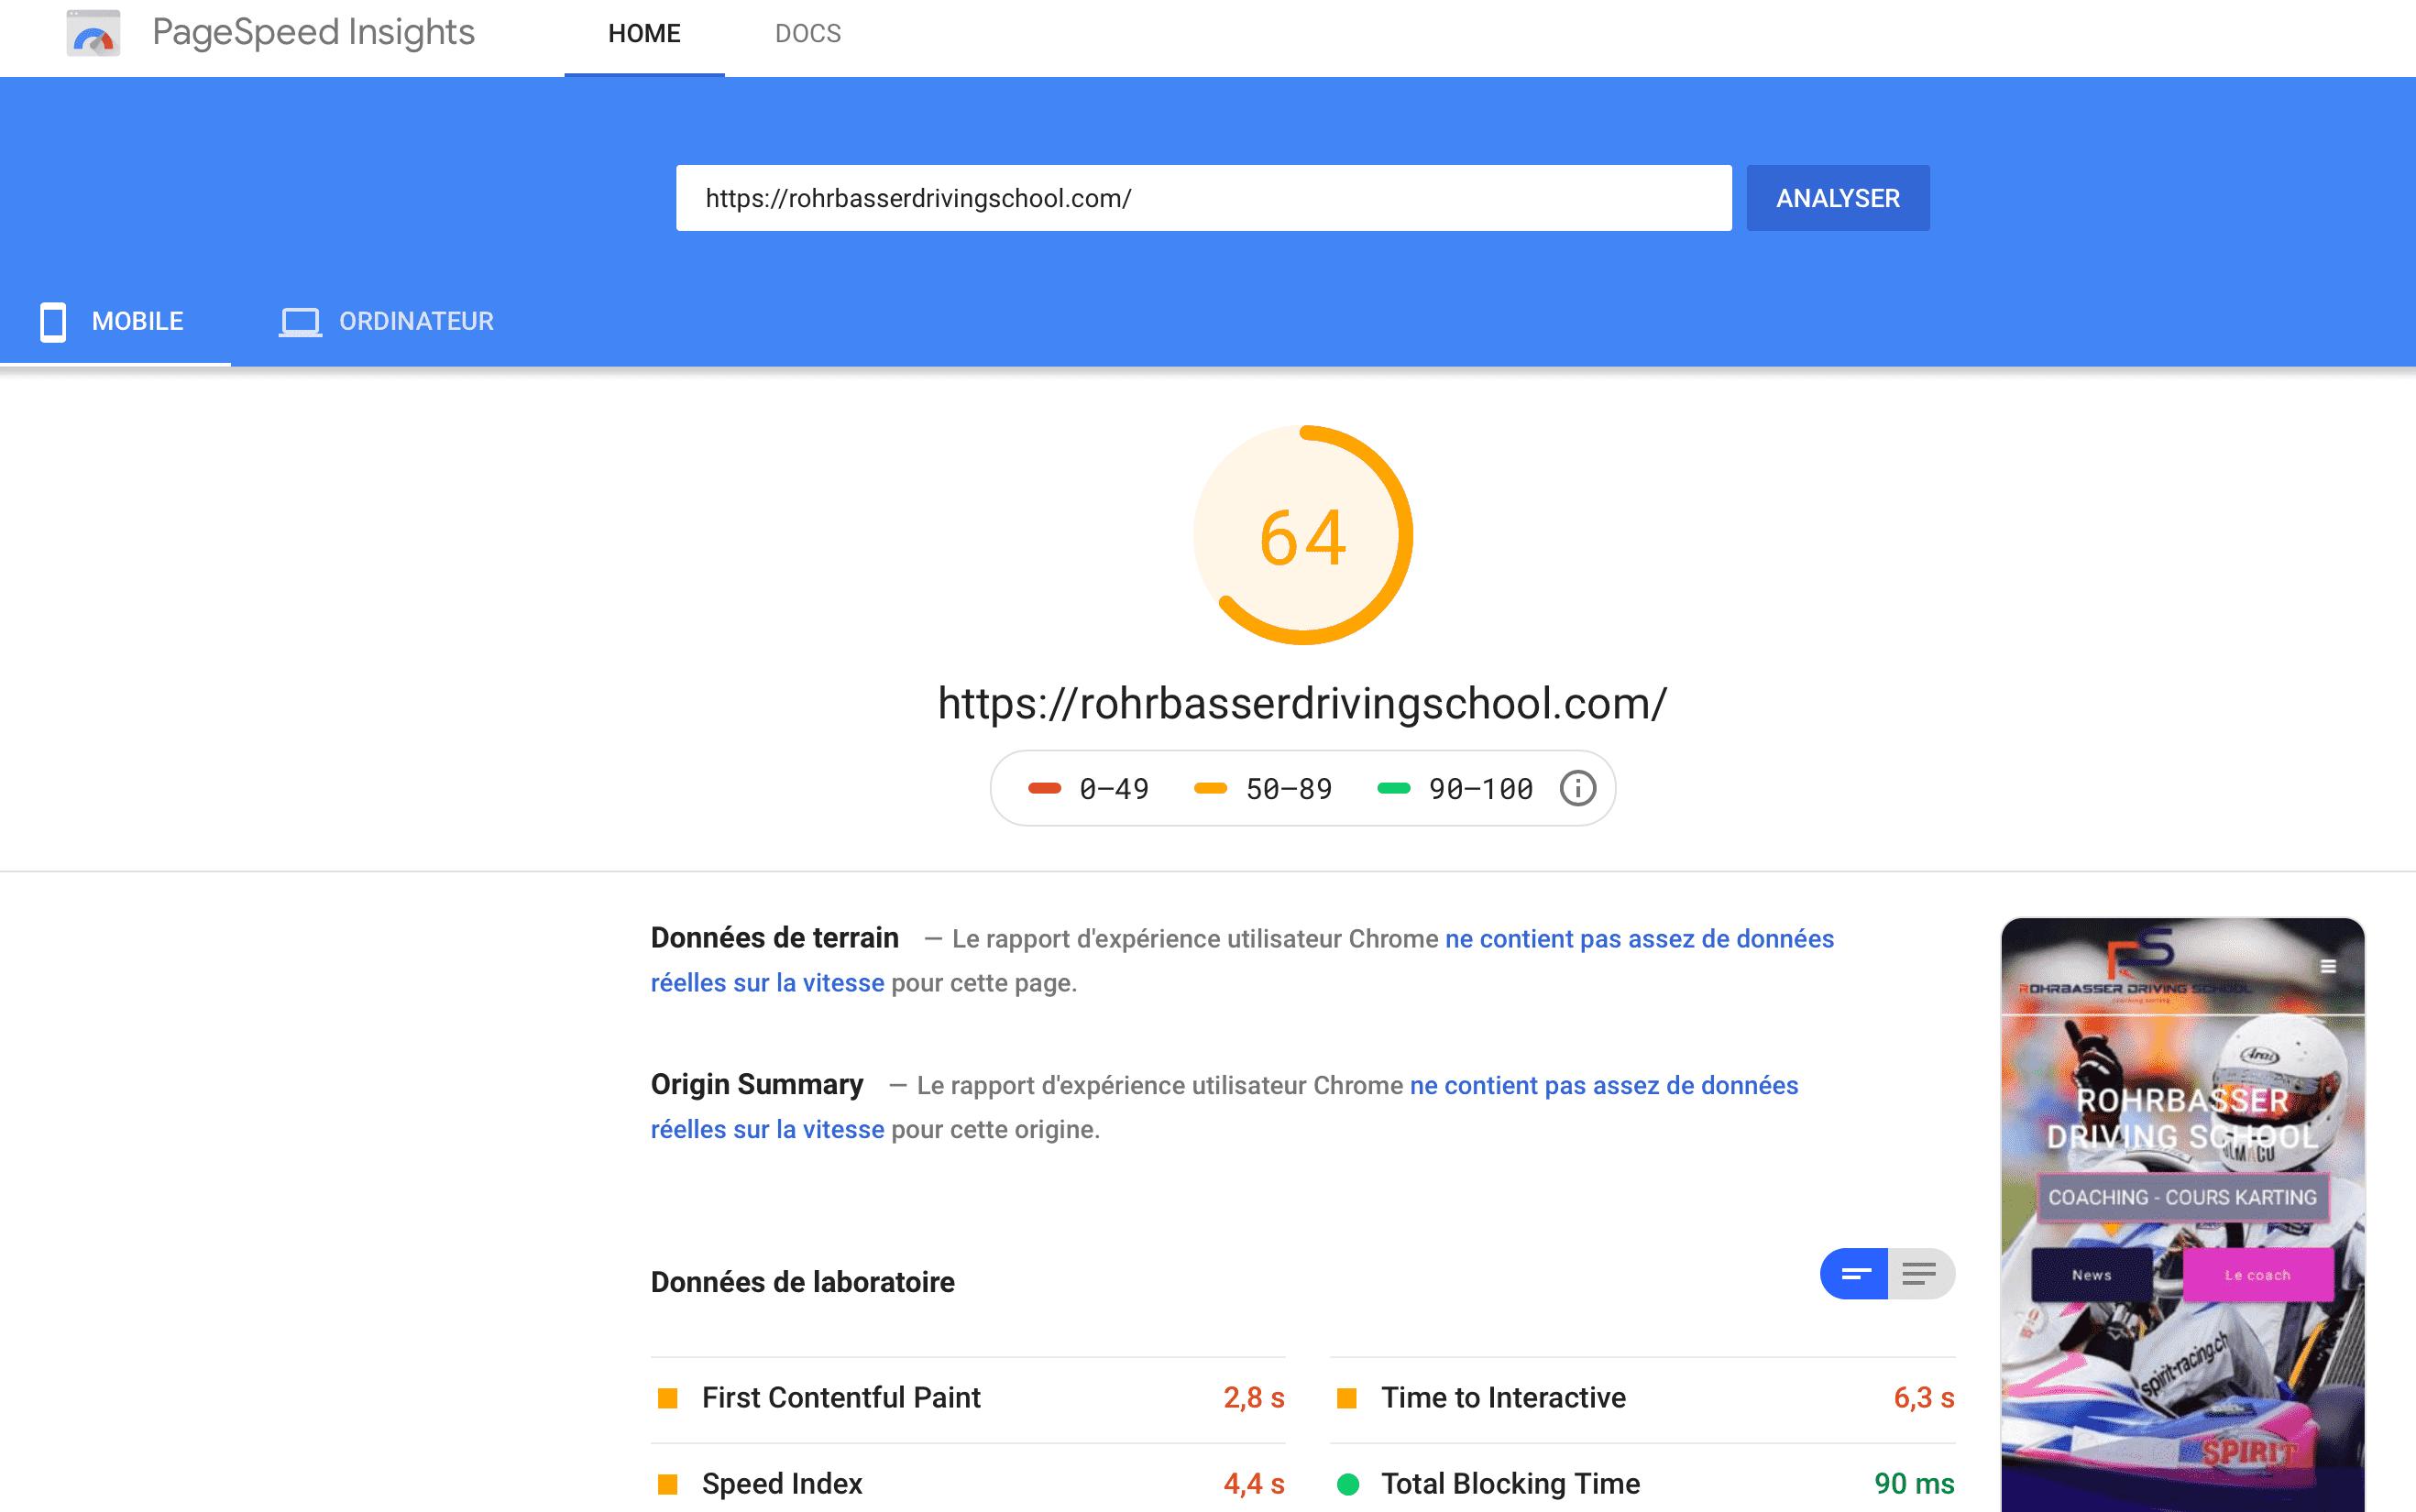 Vitesse du site important pour bien être référencé sur Google en 2021